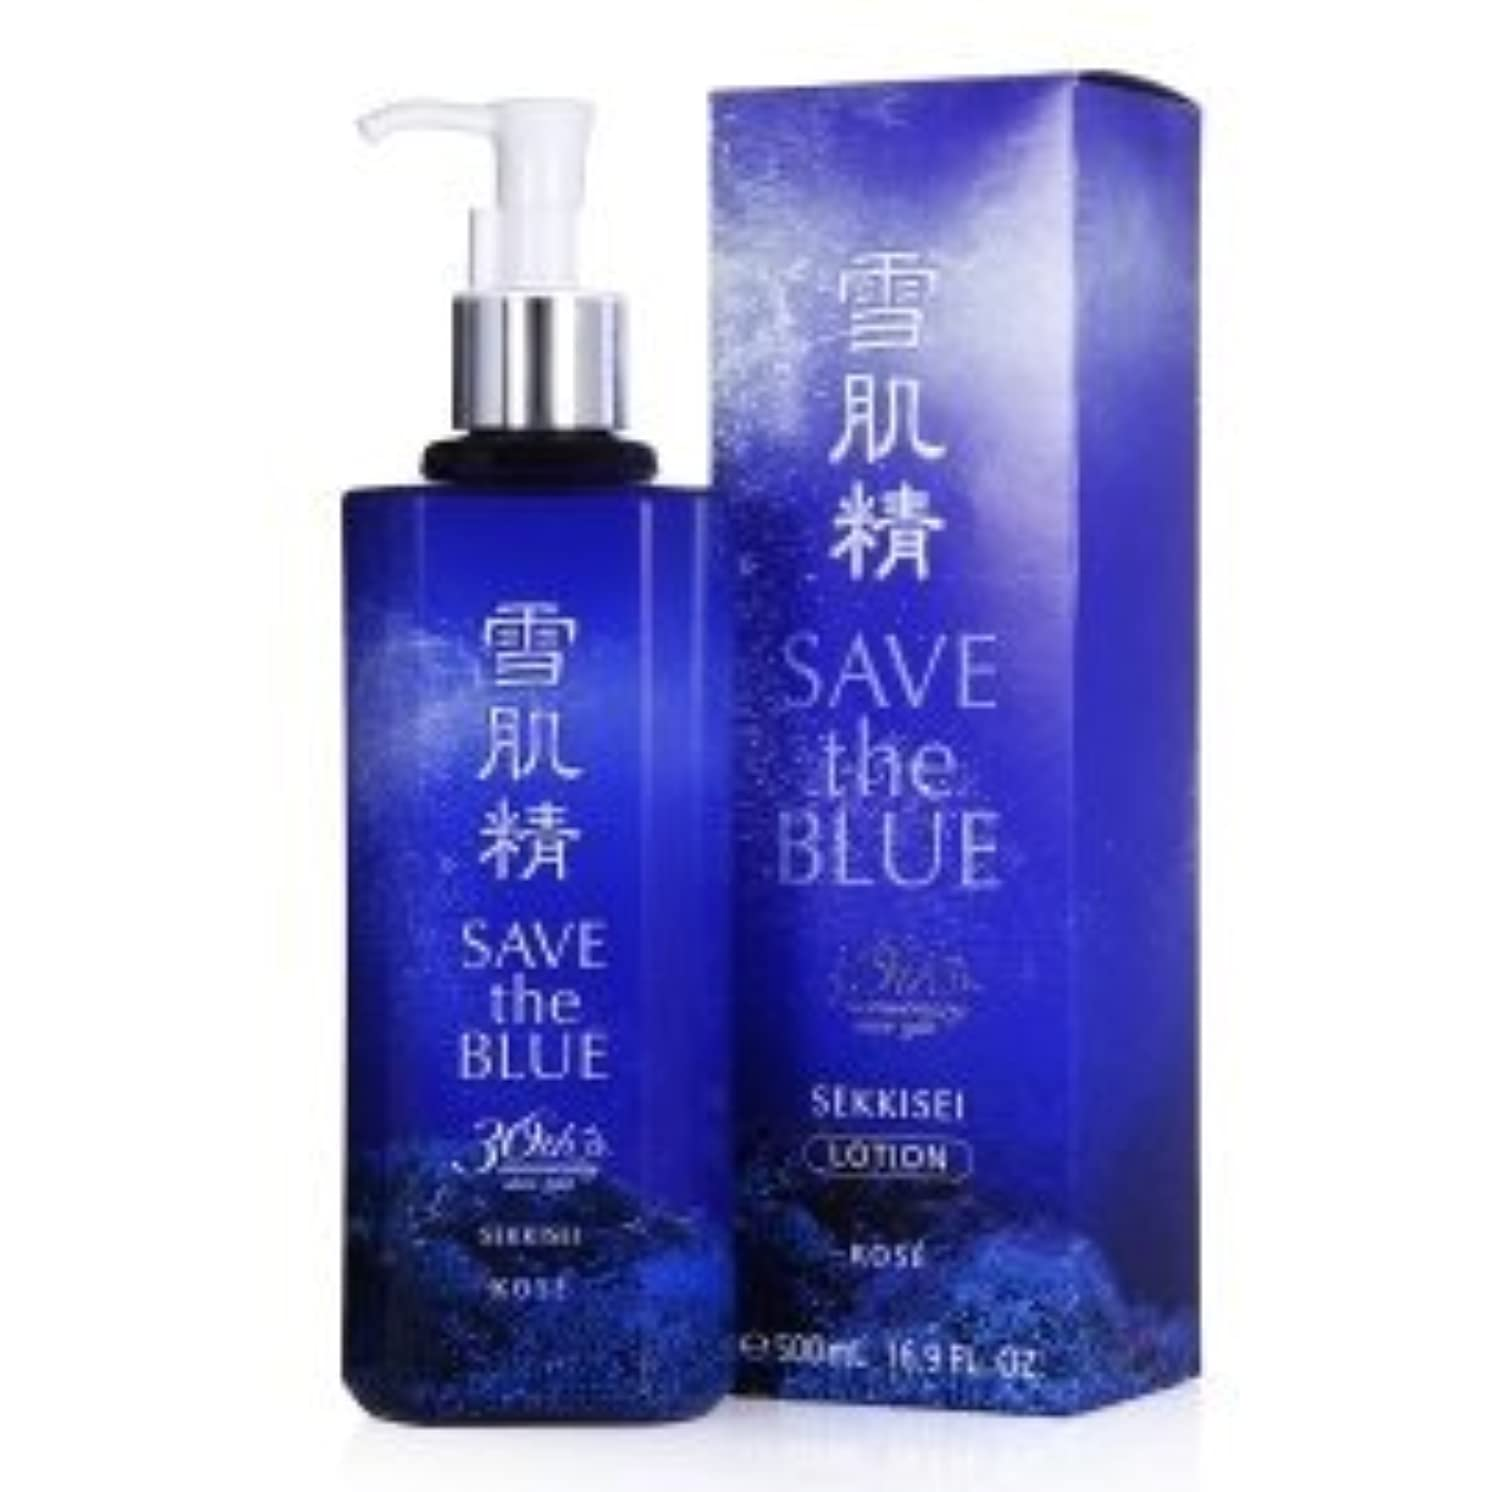 橋脚外交アルプスKOSE コーセー 薬用 雪肌精 化粧水 500ml 【SAVE the BLUE】